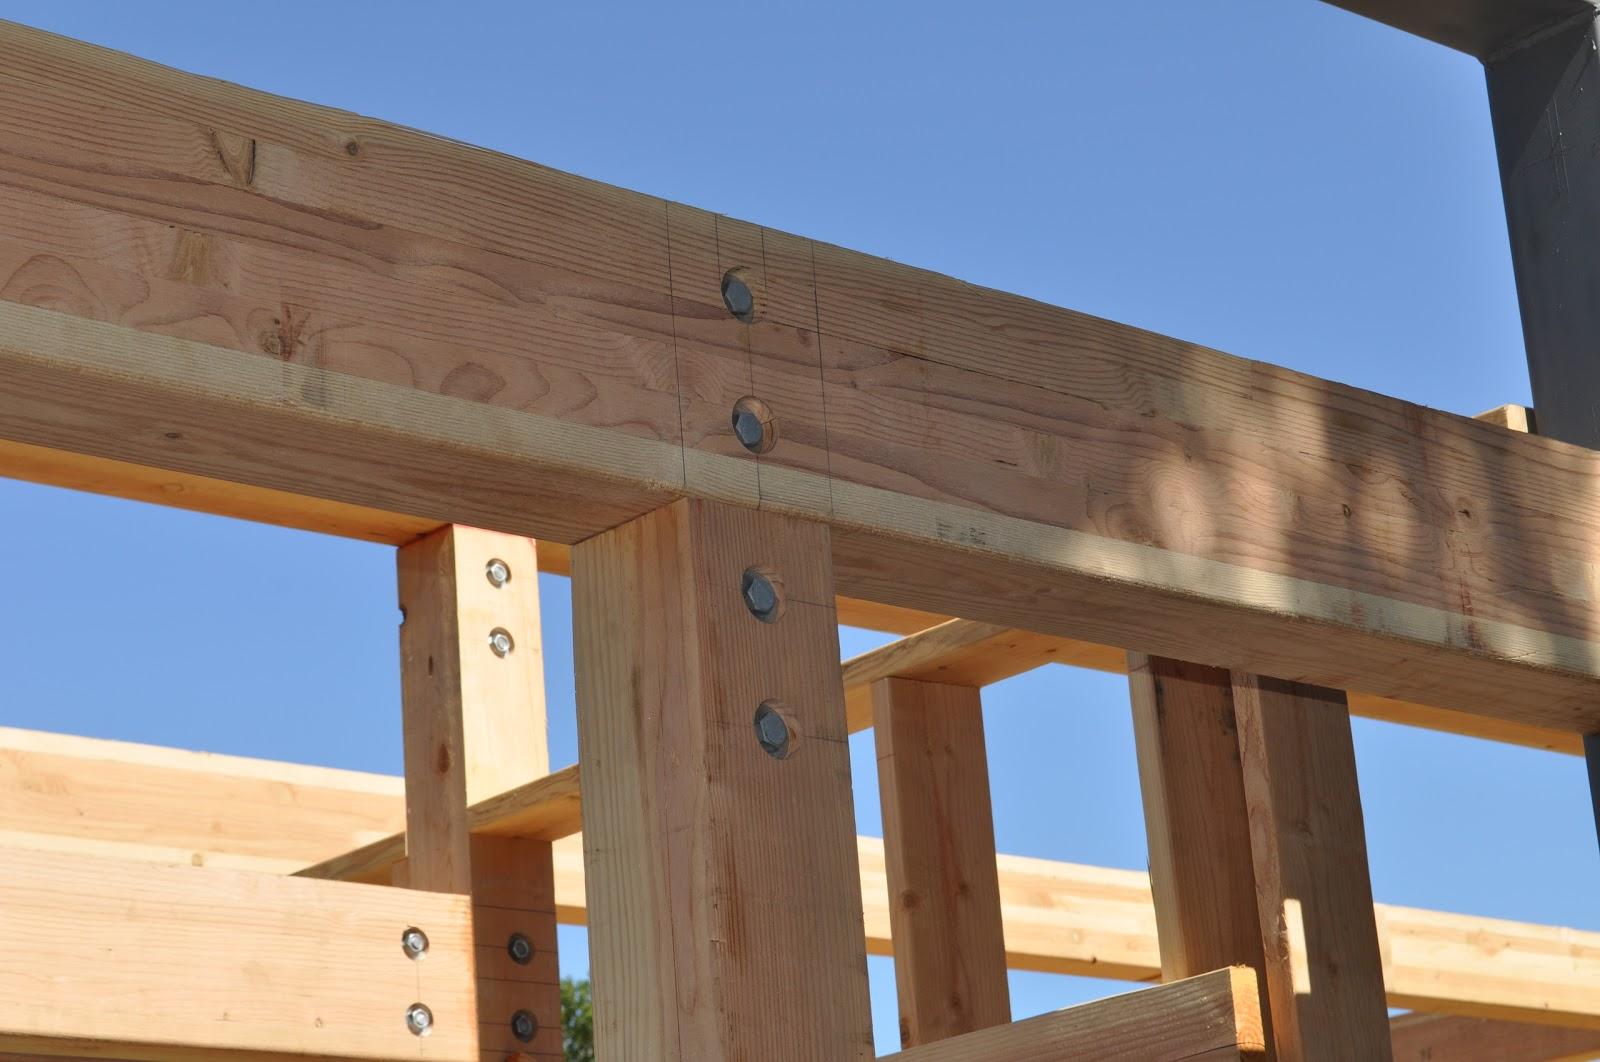 Roof Framing Geometry Knife Plate Slotter For Timber Framing